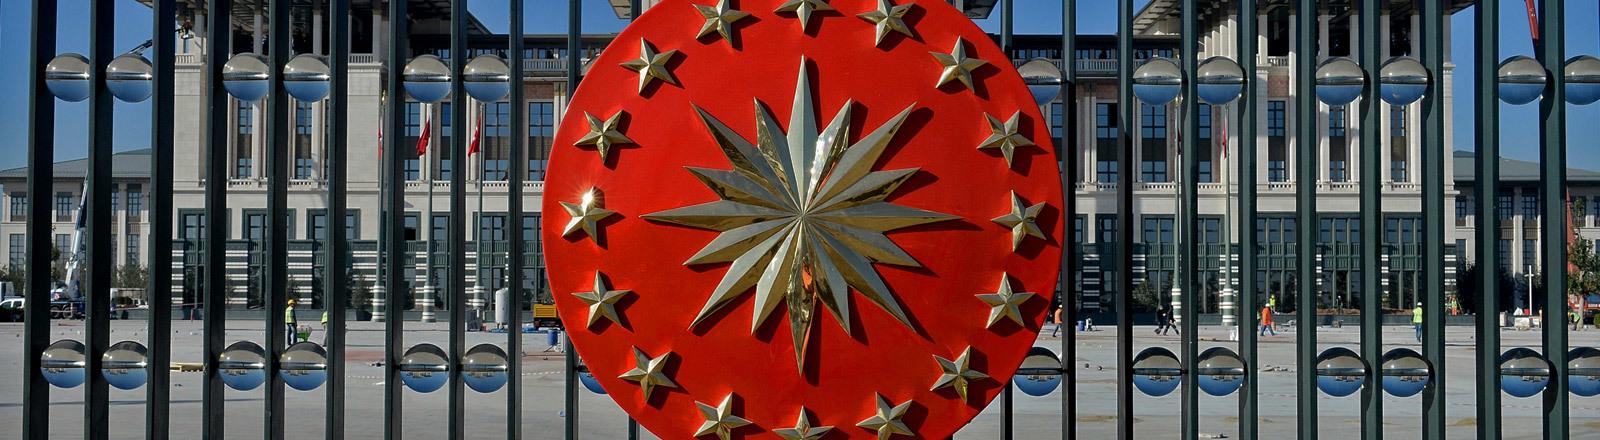 Wappen des türkischen Präsidenten am Eingangstor